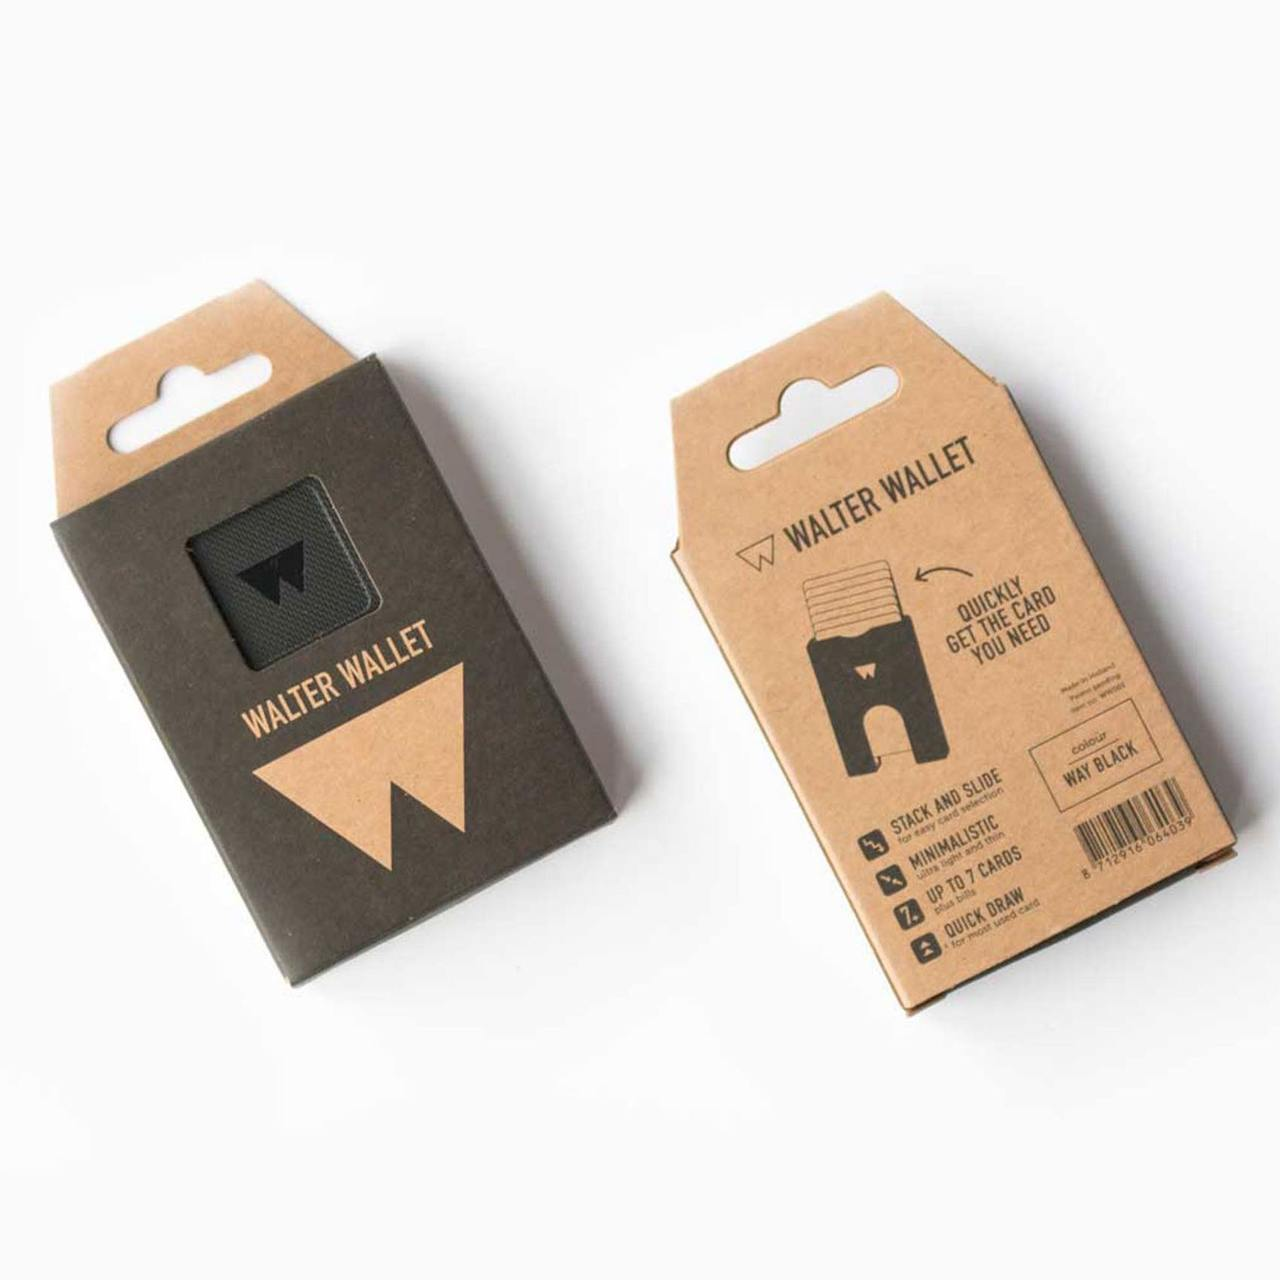 Walter Wallet Credit Card Holder Way Black   The Design Gift Shop